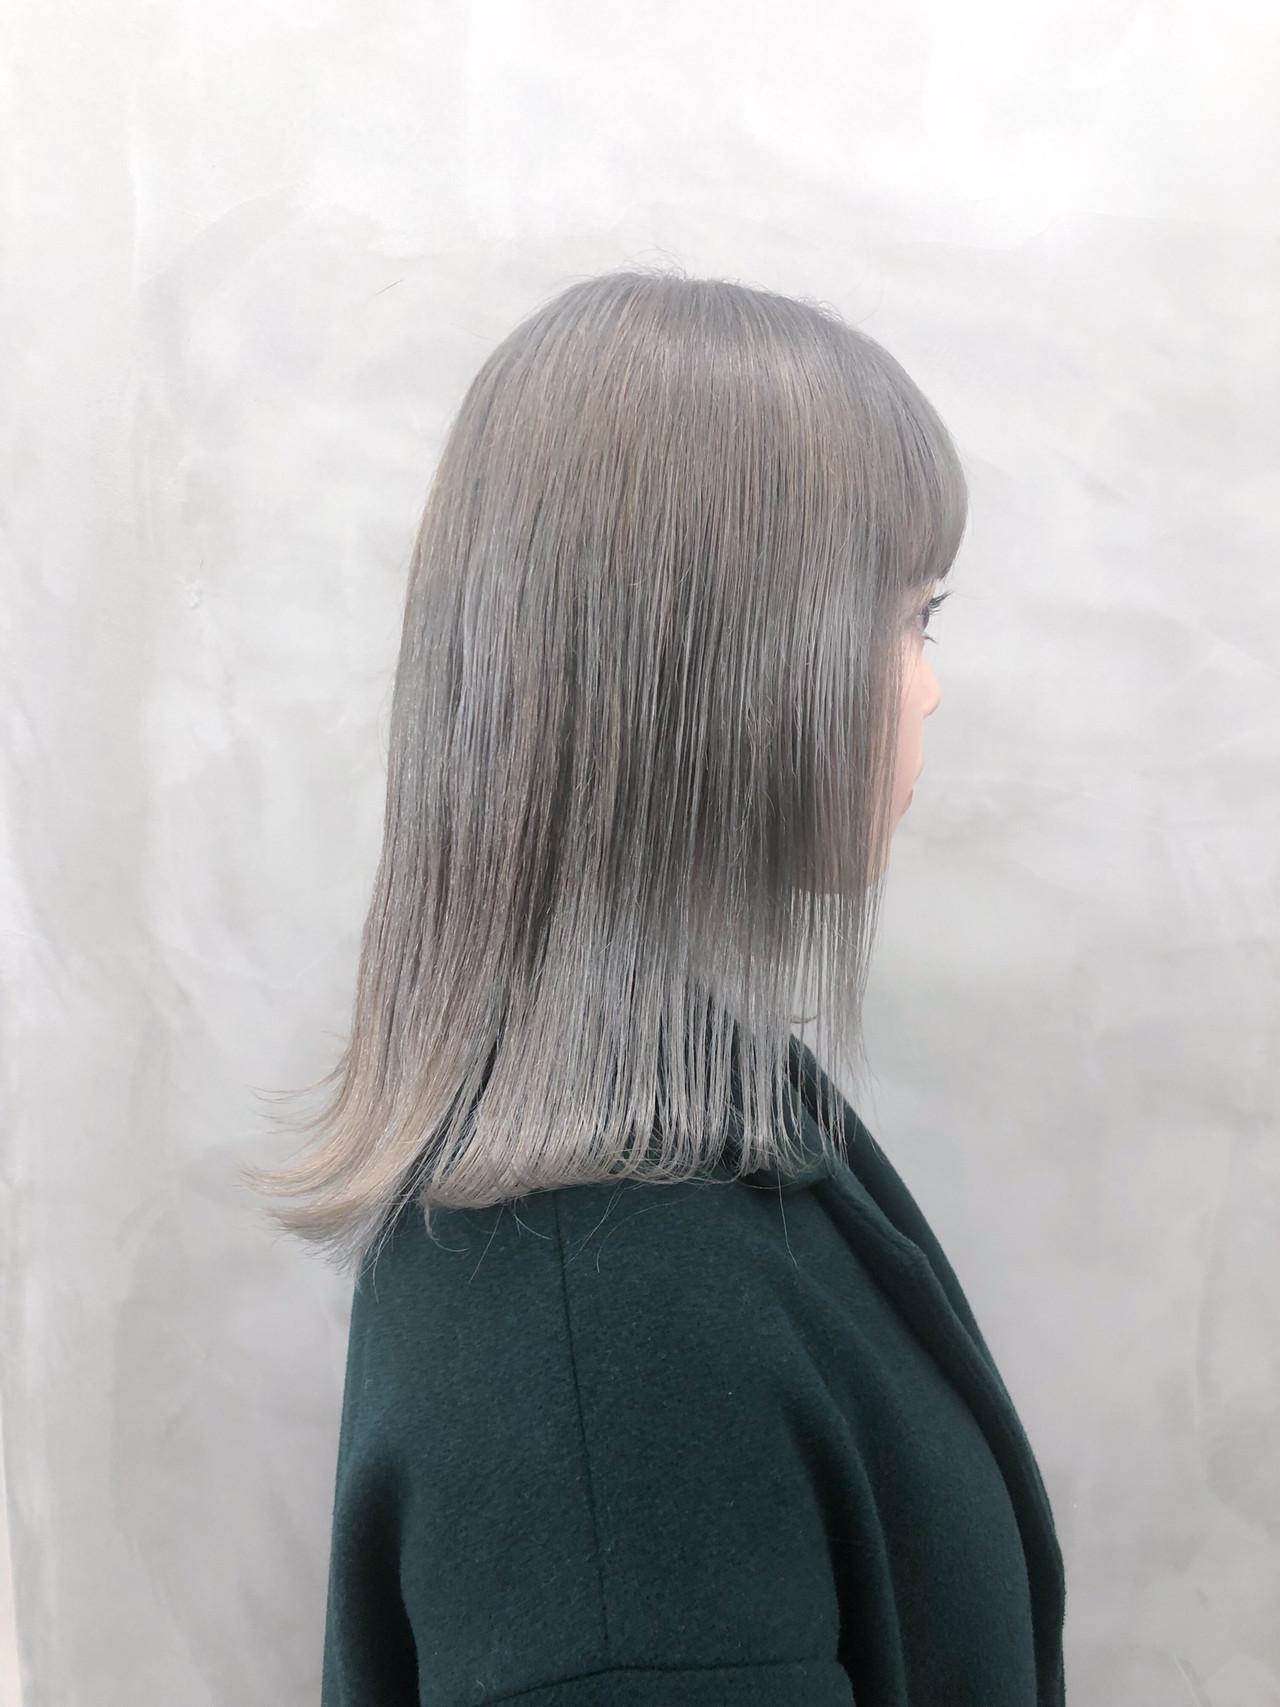 アッシュベージュ セミロング ストリート ダブルカラー ヘアスタイルや髪型の写真・画像